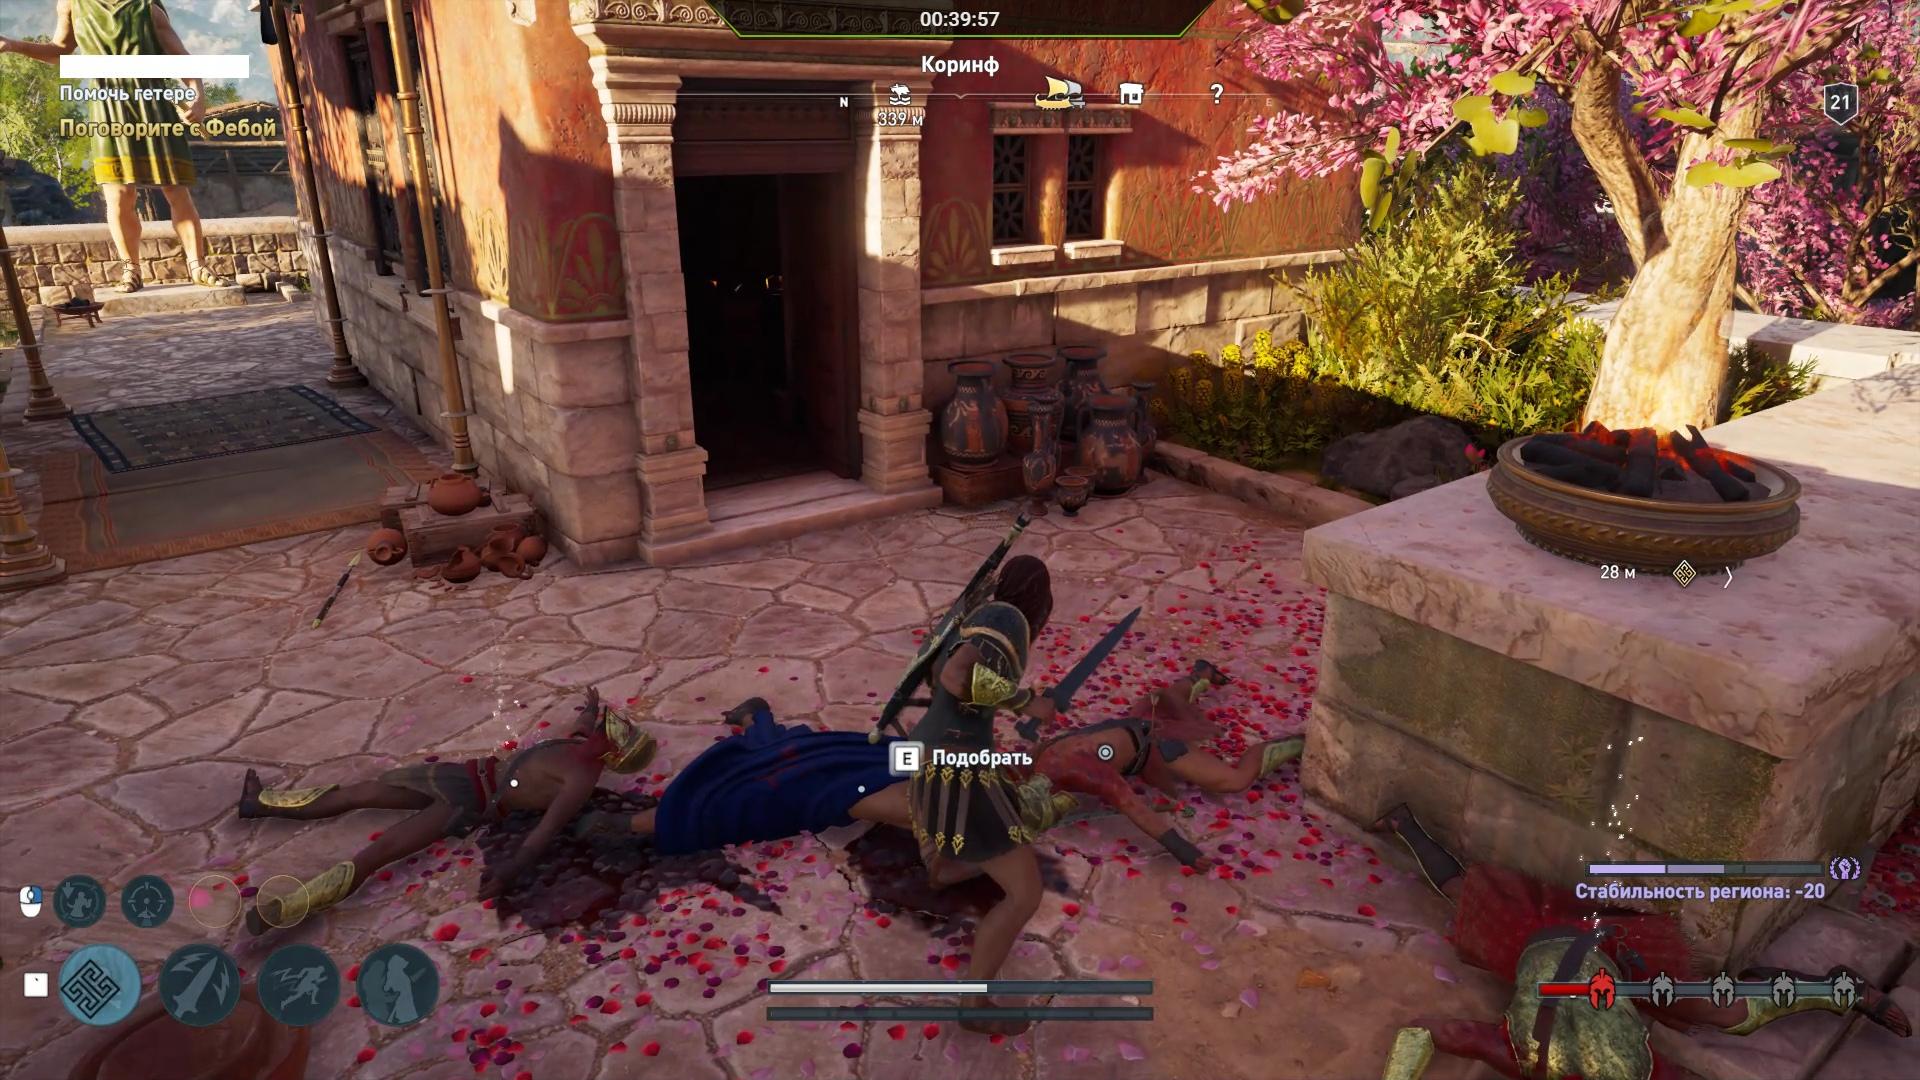 GFN.RU игры. Играем в Assassin's Creed Odyssey. Качество облачного гейминга